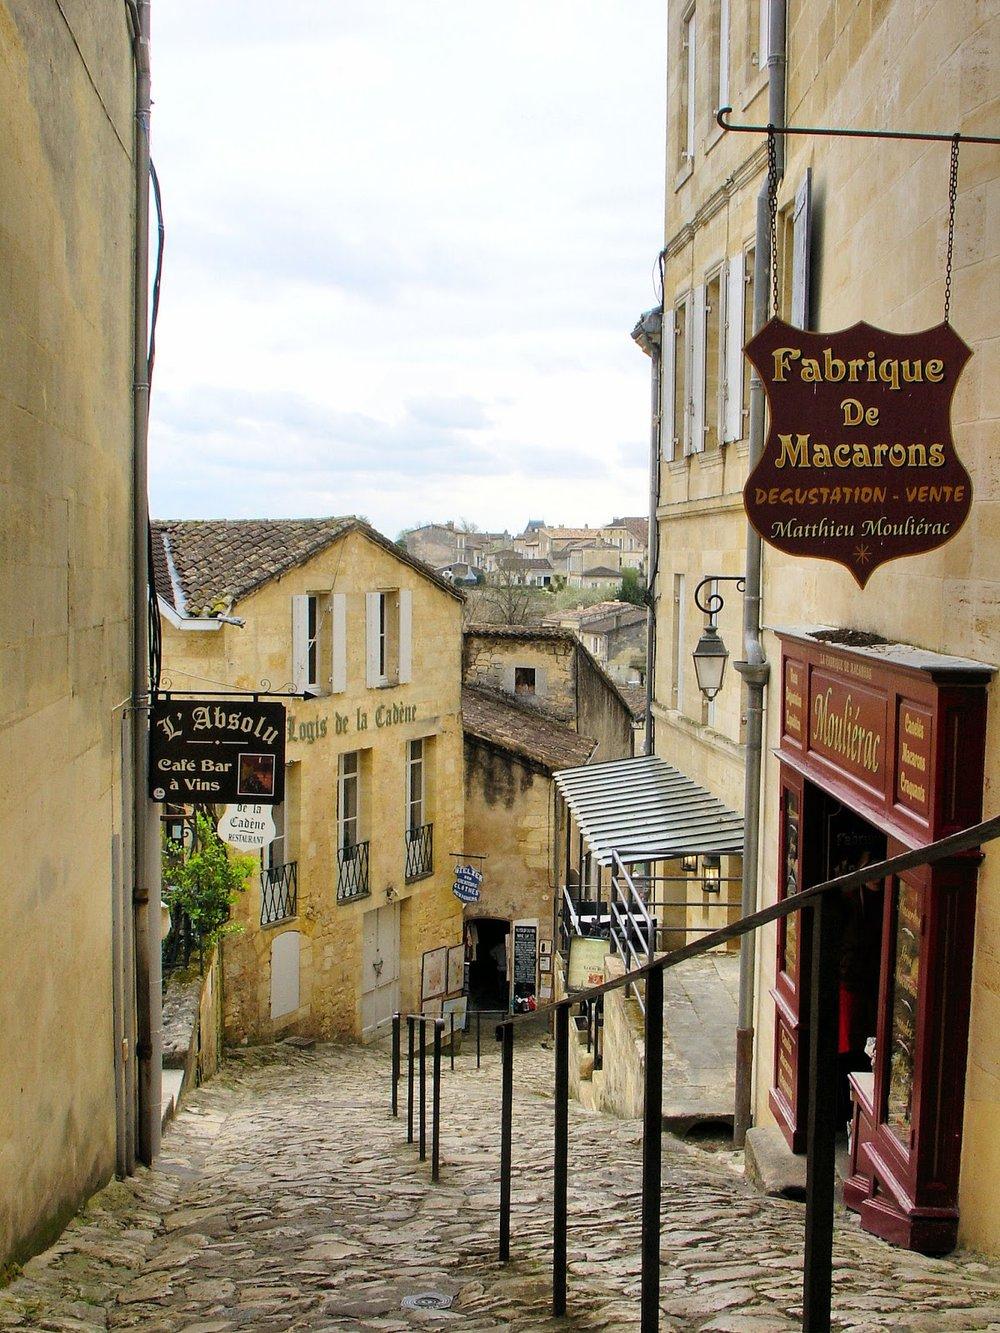 Saint-Emilion - macarons.jpg